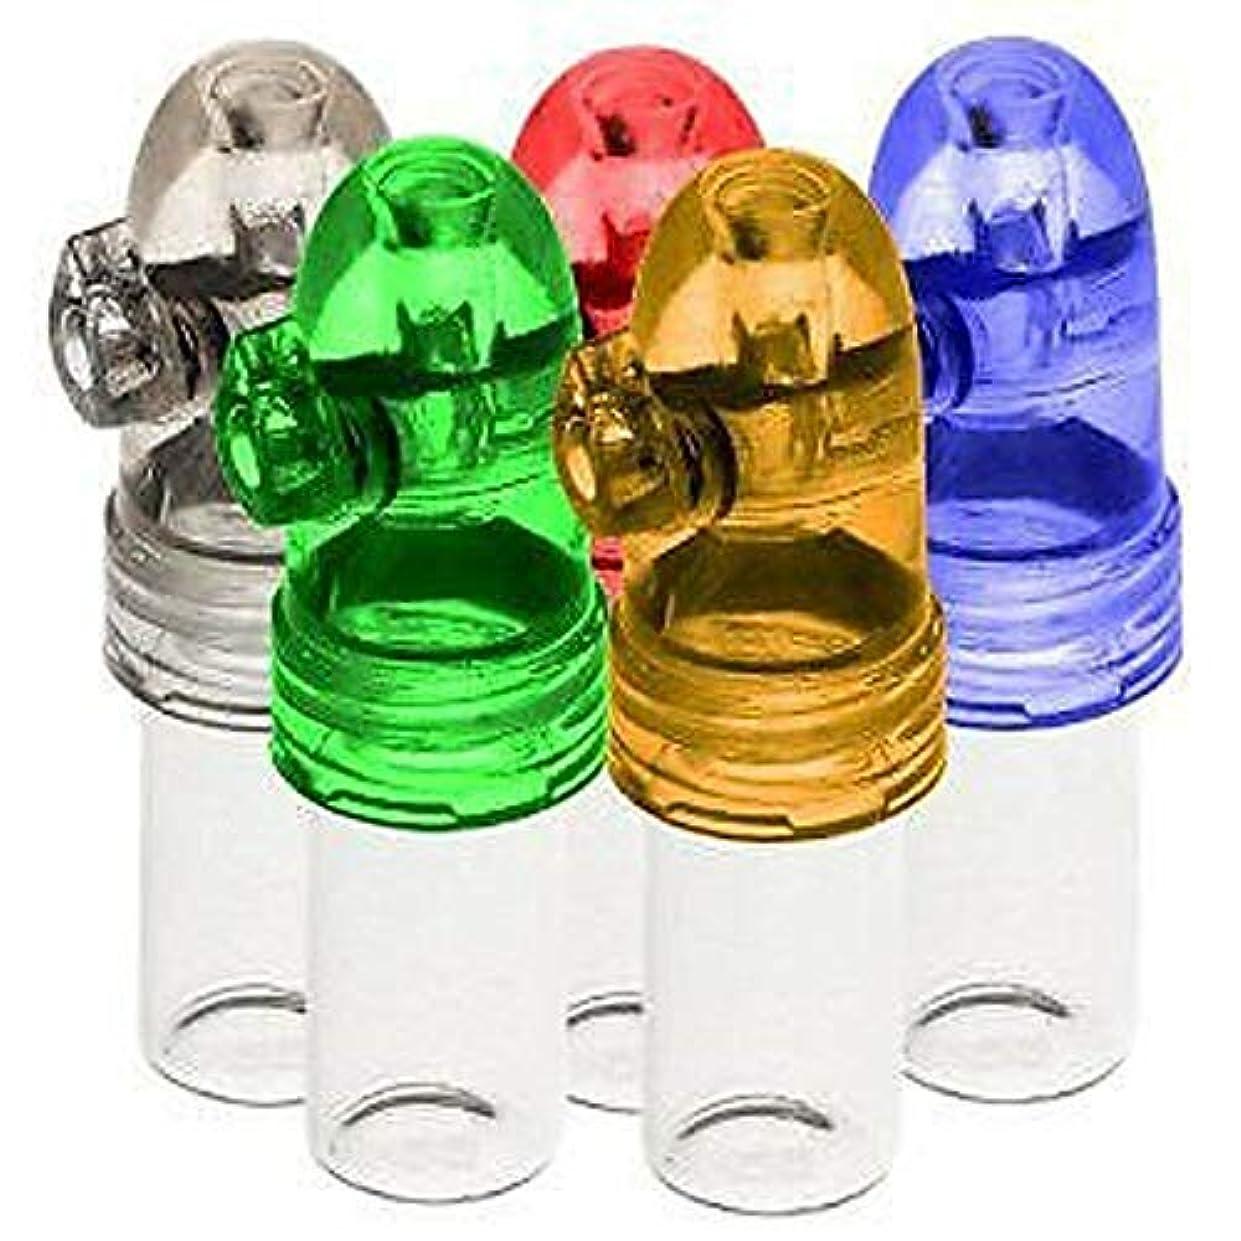 テザー訴える記憶に残るPichidr-JP スナッフブレット スナフボトル スノーターブレットロケットシェイプ 鼻の嗅ぎ ガラスボトル、クリア